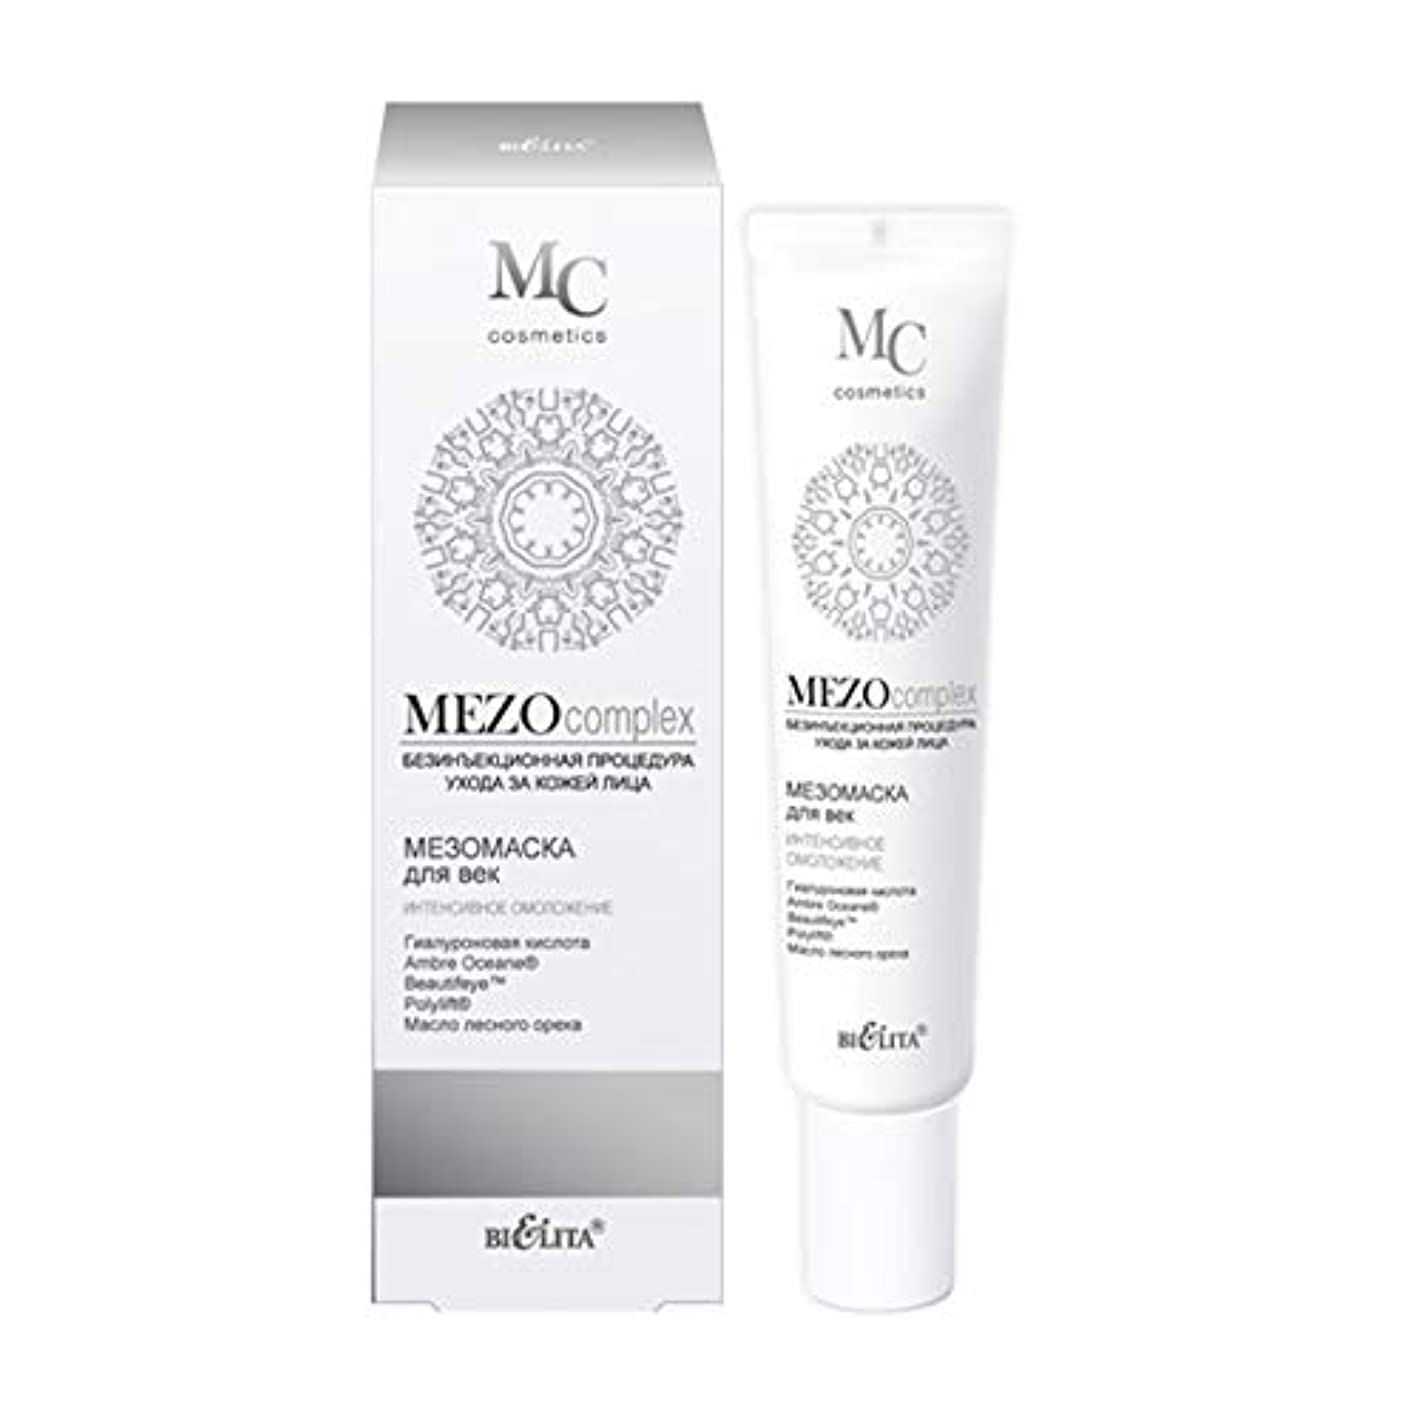 物理的に溶ける月曜Mezo complex | Mezo MASK for eyelids | Non-injection facial skin care procedure | Hyaluronic acid | Ambre Oceane | Beautifeye | Polylift | Hazelnut oil | Active formula | 30 ml